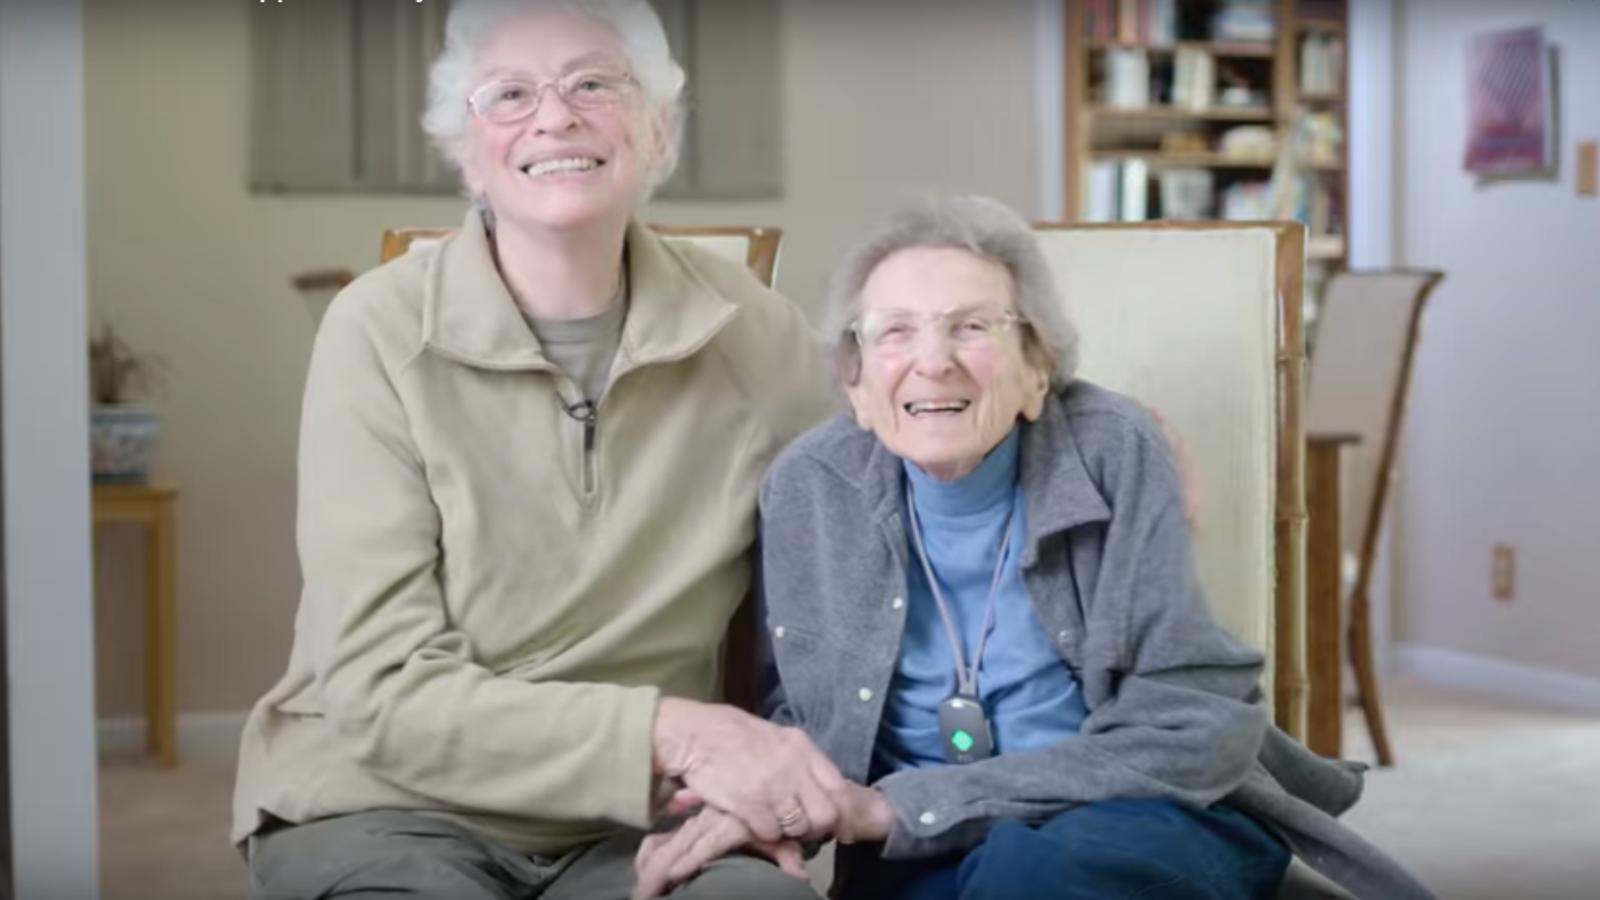 Lennie et Pearl, en couple depuis 50 ans, expliquent pourquoi elles voteront Hillary Clinton